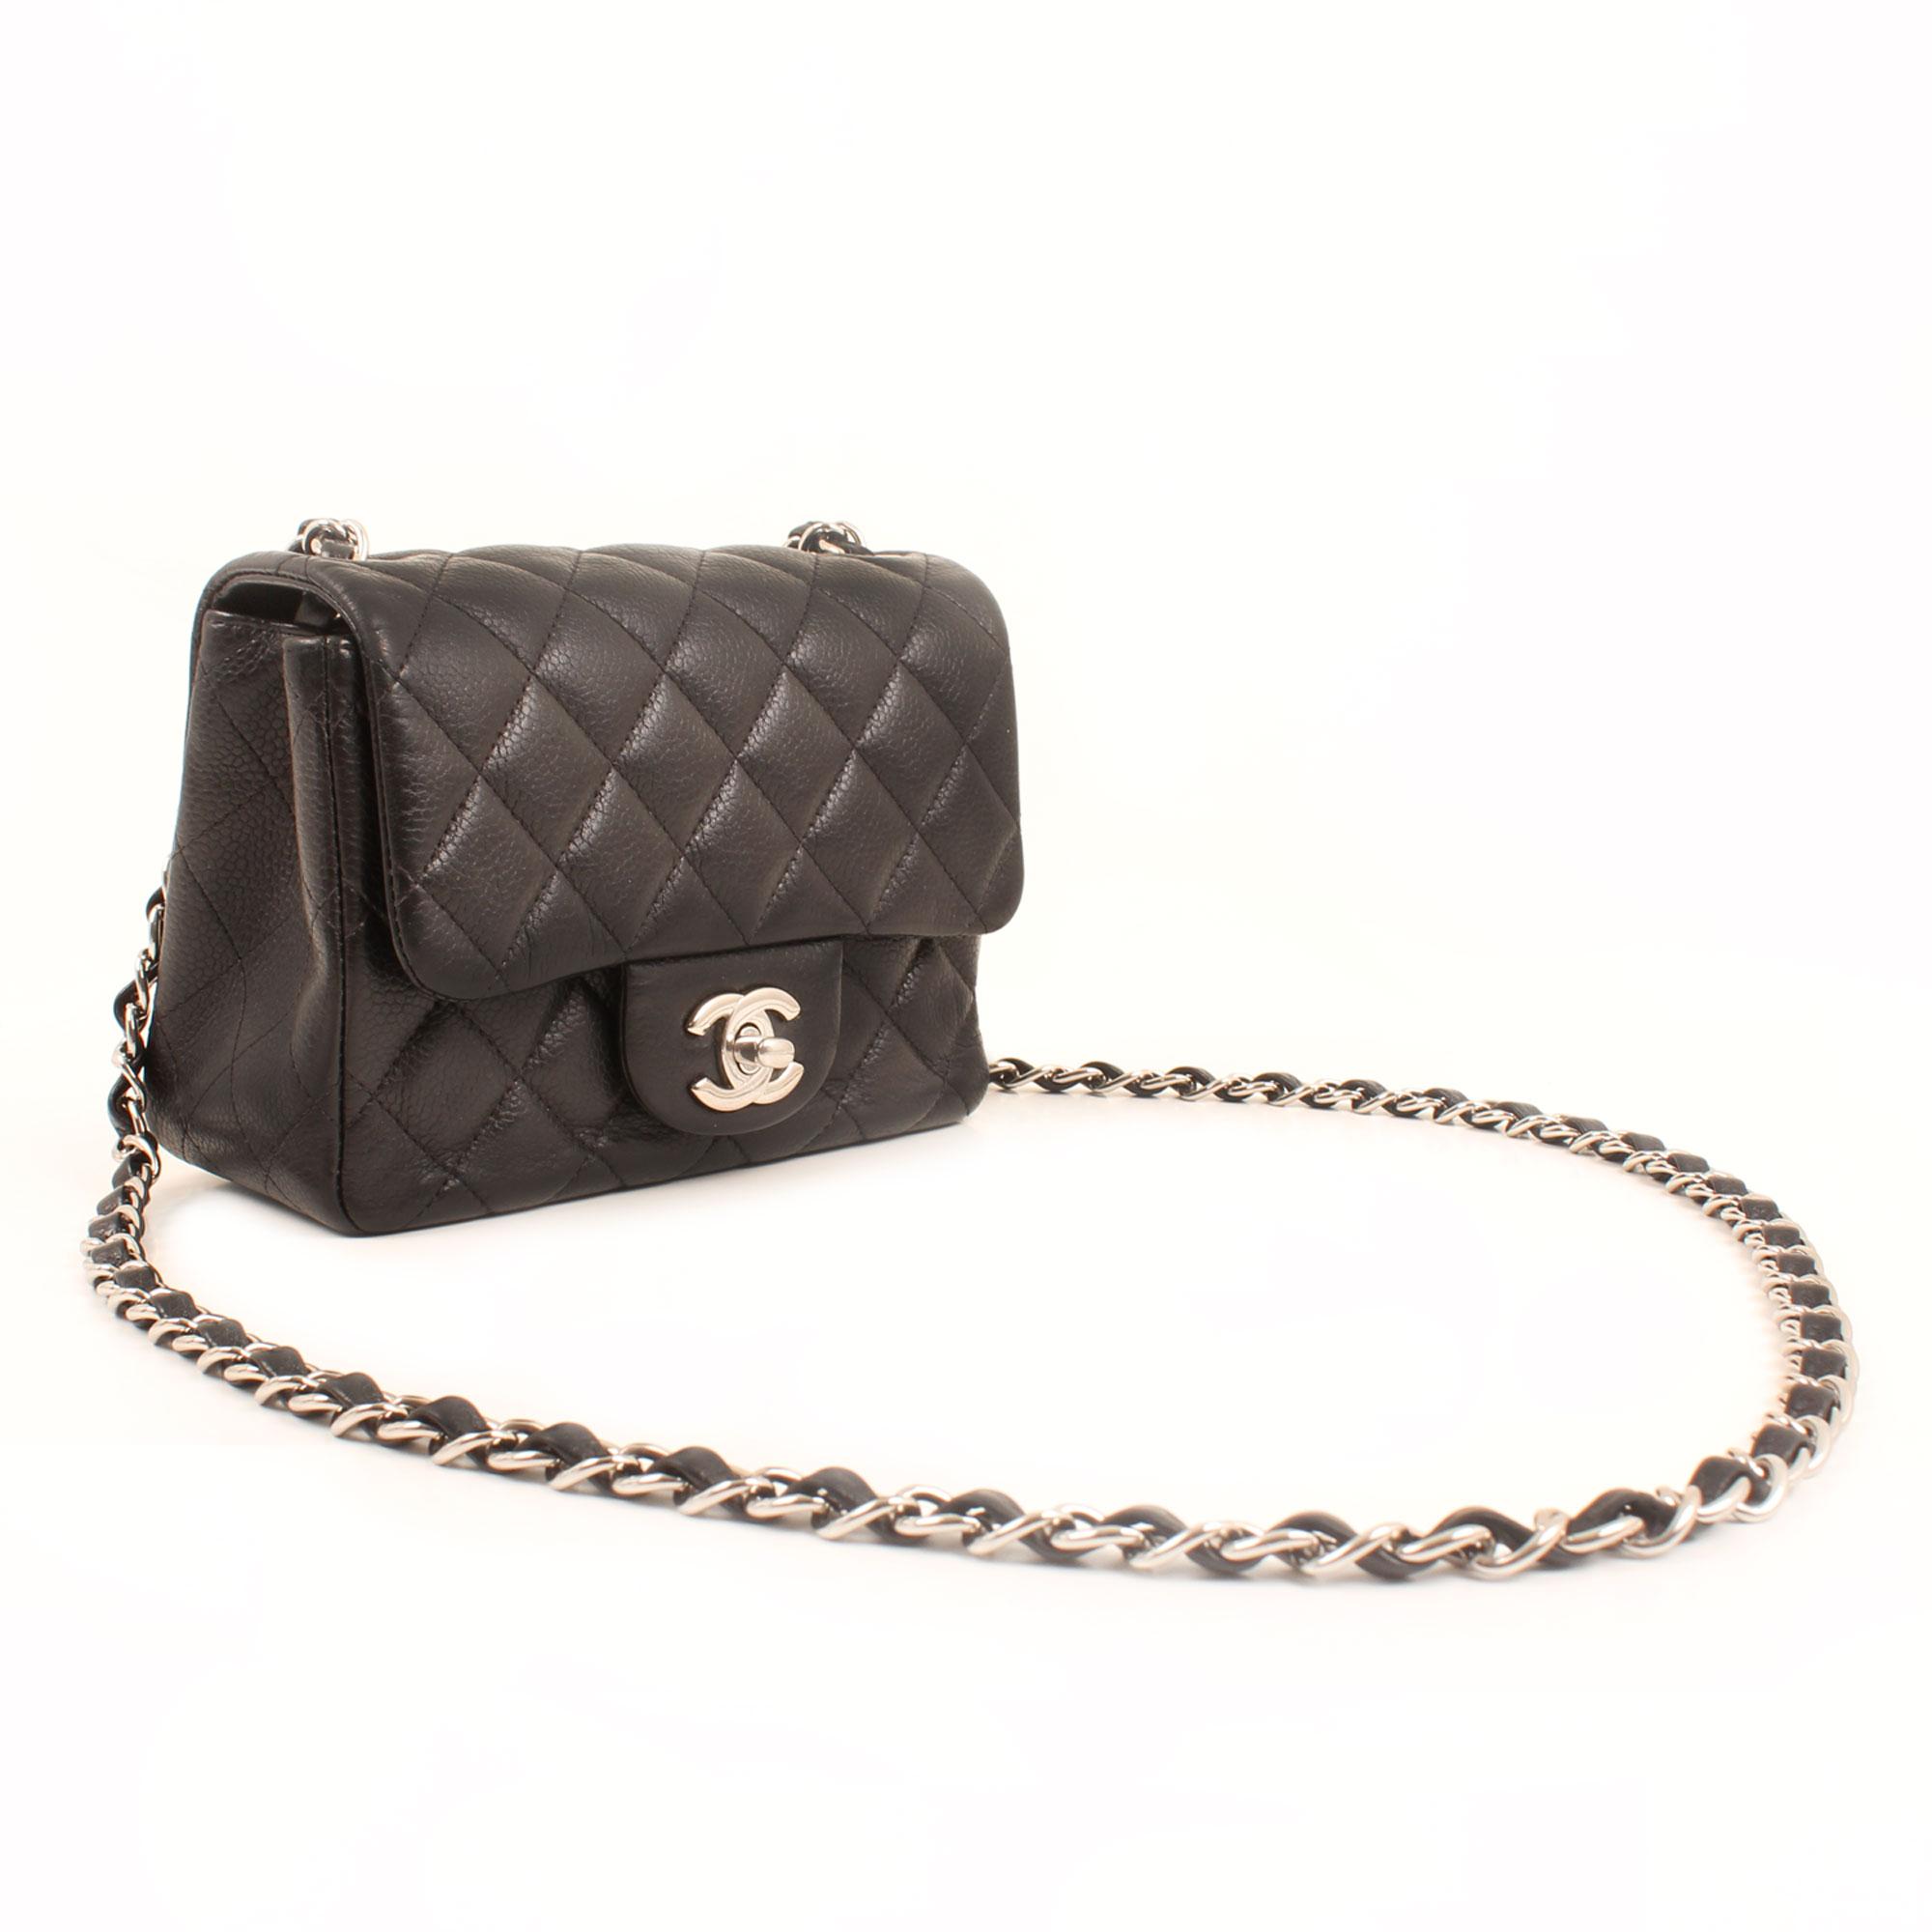 imagen general del bolso chanel mini timeless negro caviar